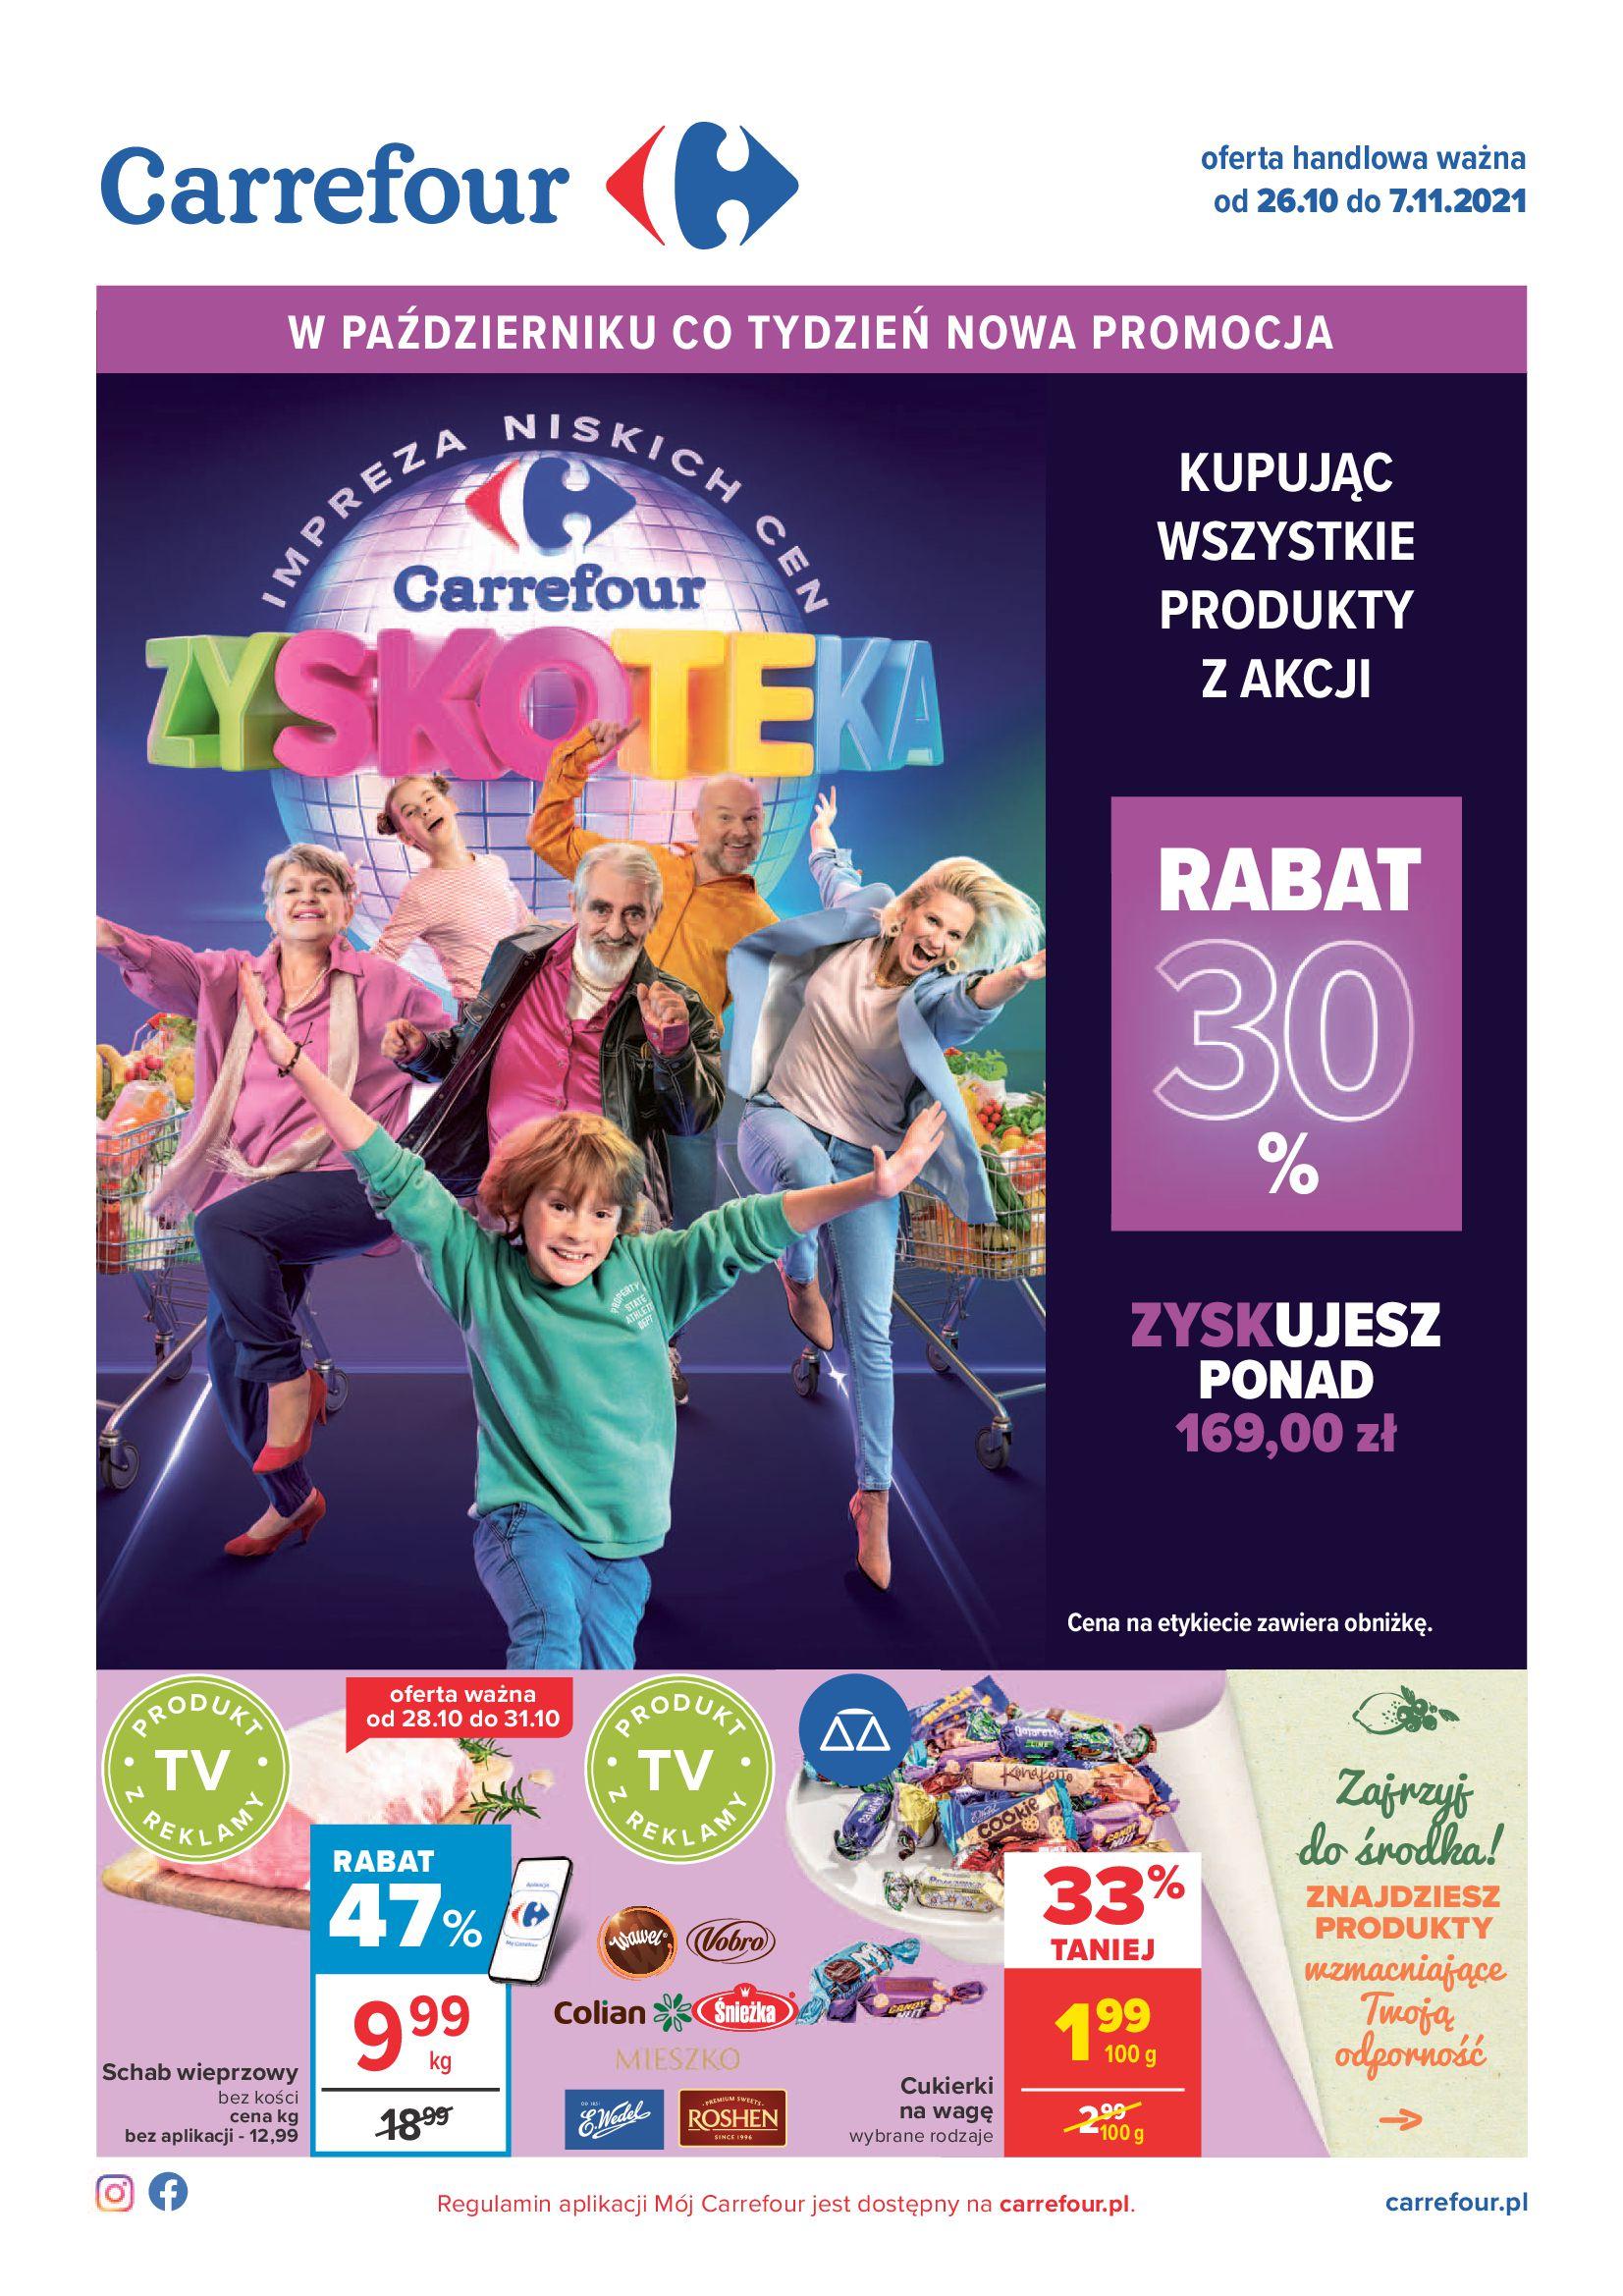 Carrefour:  Gazetka Carrefour - Zyskoteka od 26.10. 25.10.2021